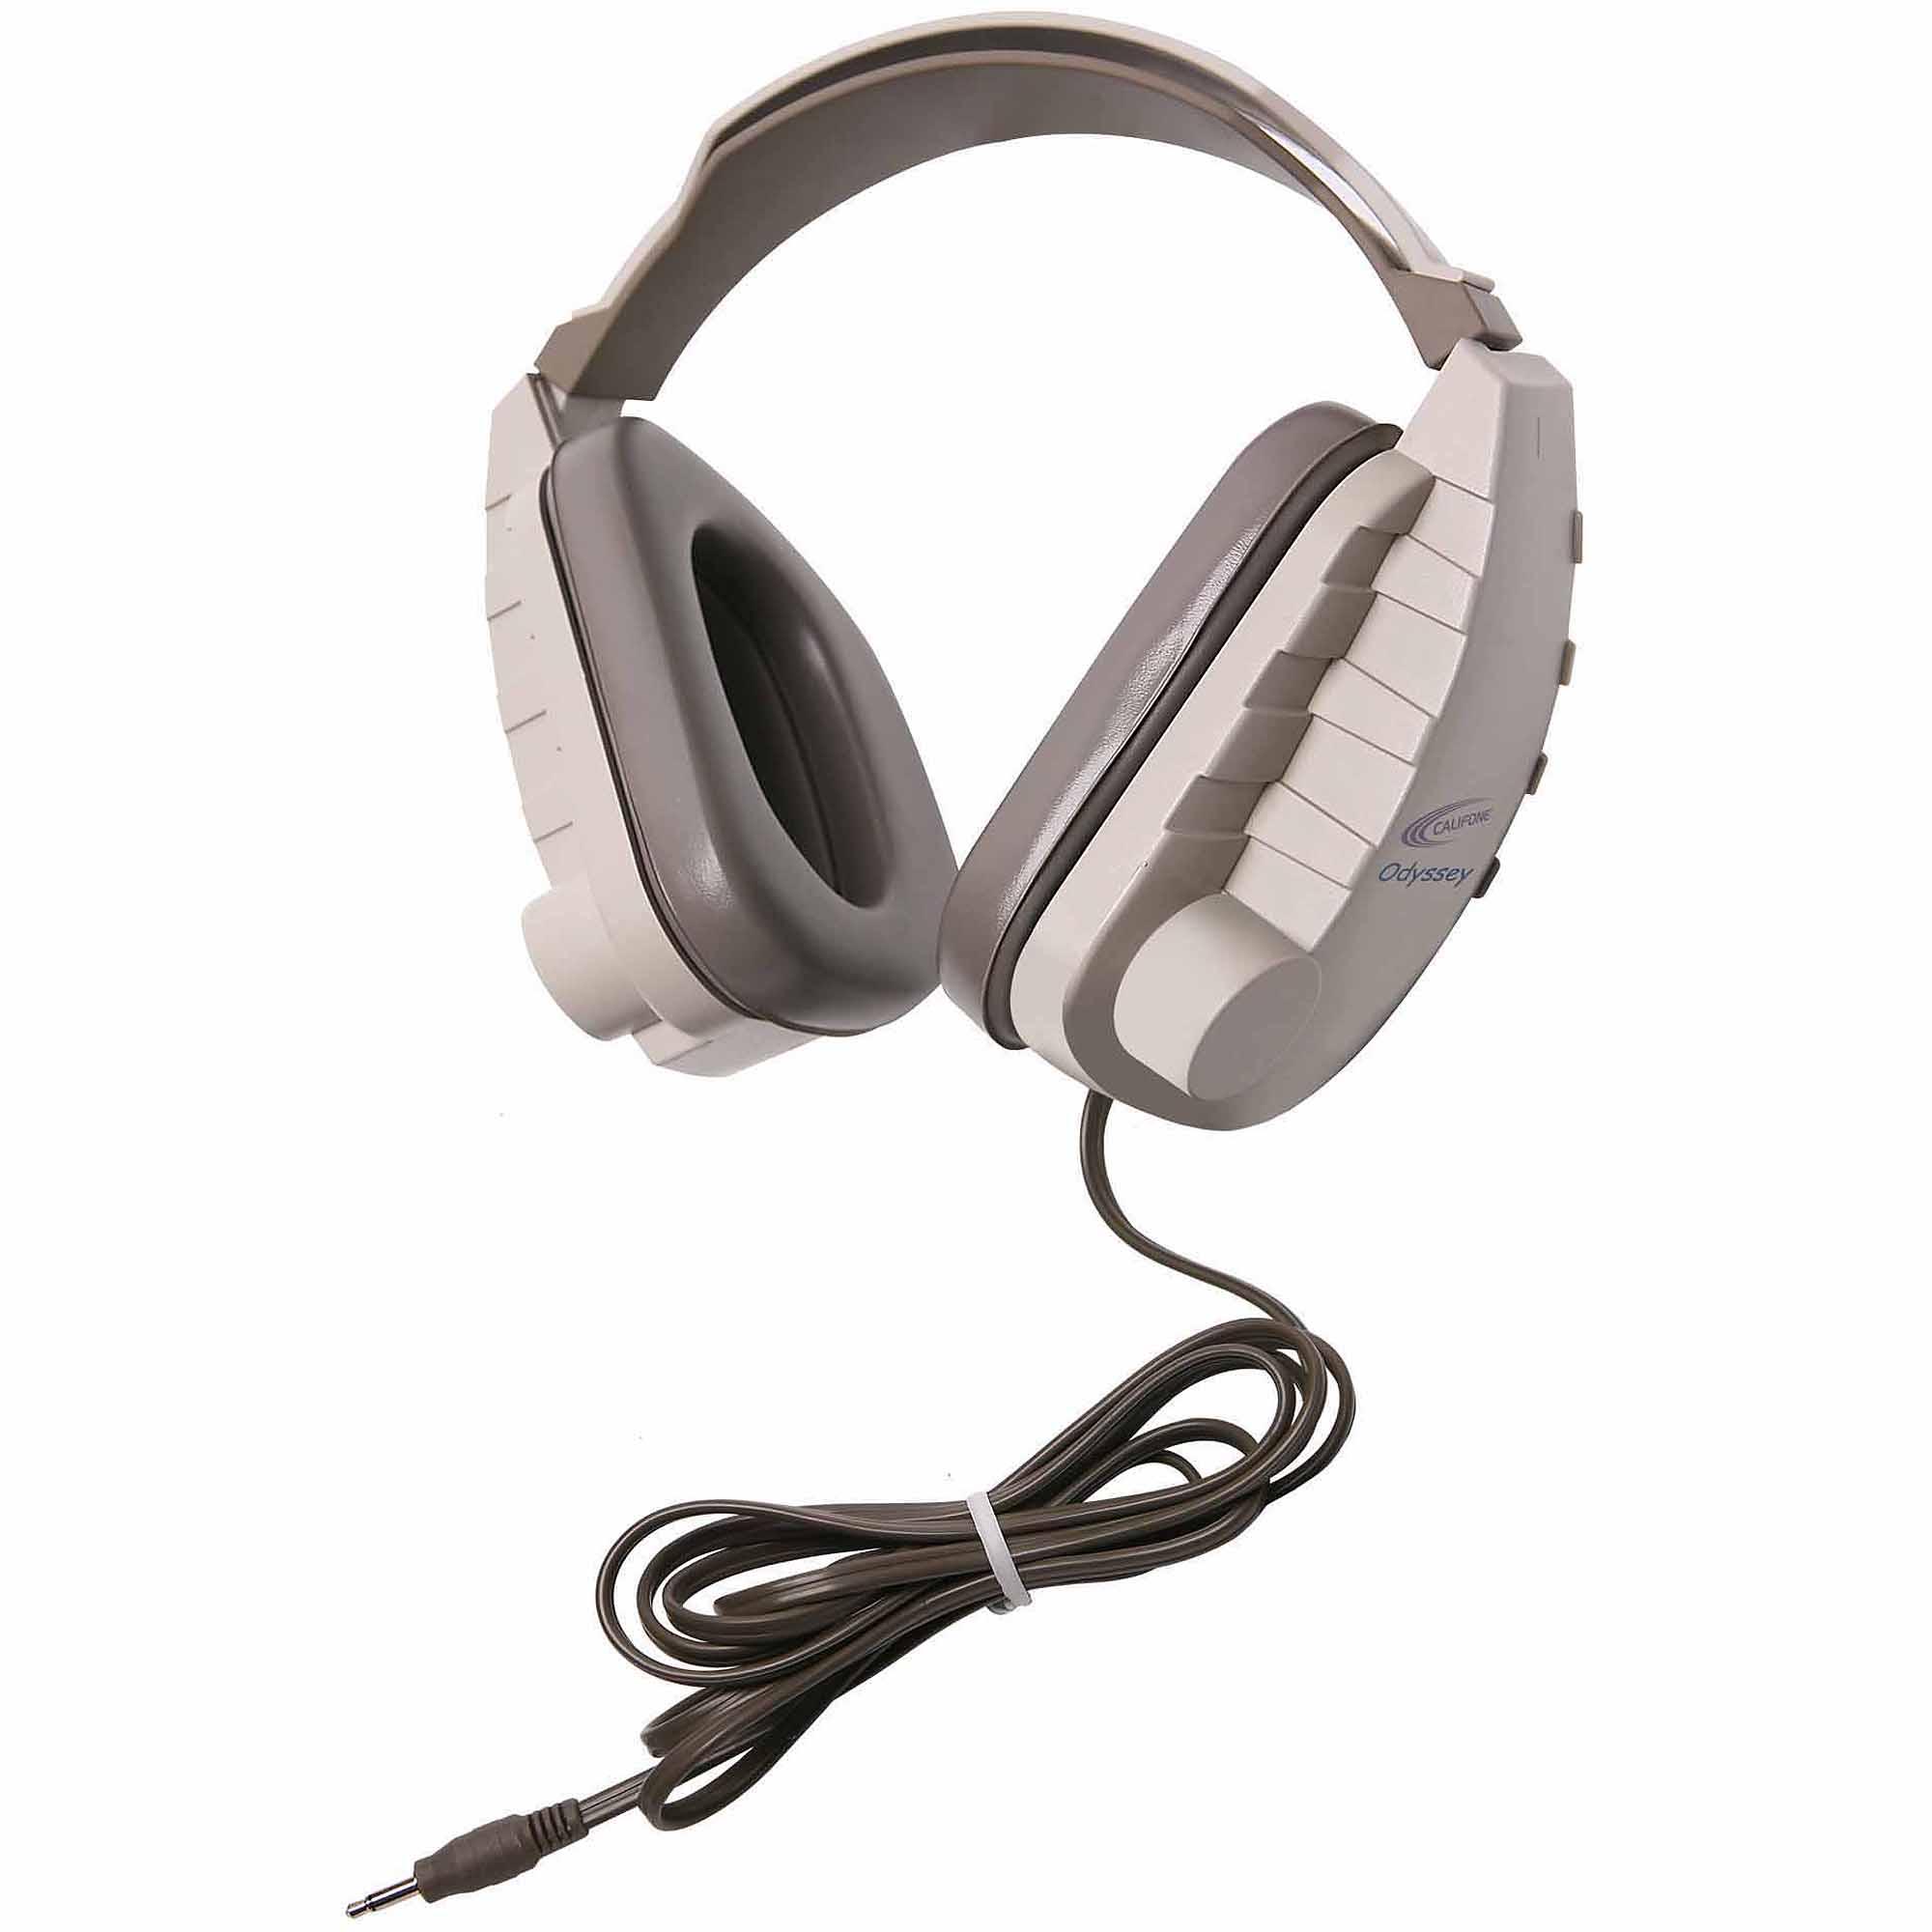 Califone Binaural, Headset 3.5mm Mono Plug Via Ergoguys - Stereo - Beige, Light Gray - Mini-phone - Wired - 130 Ohm - 20 Hz 20 Khz - Over-the-head - Binaural - Circumaural - 6 Ft Cable (oh-1v)